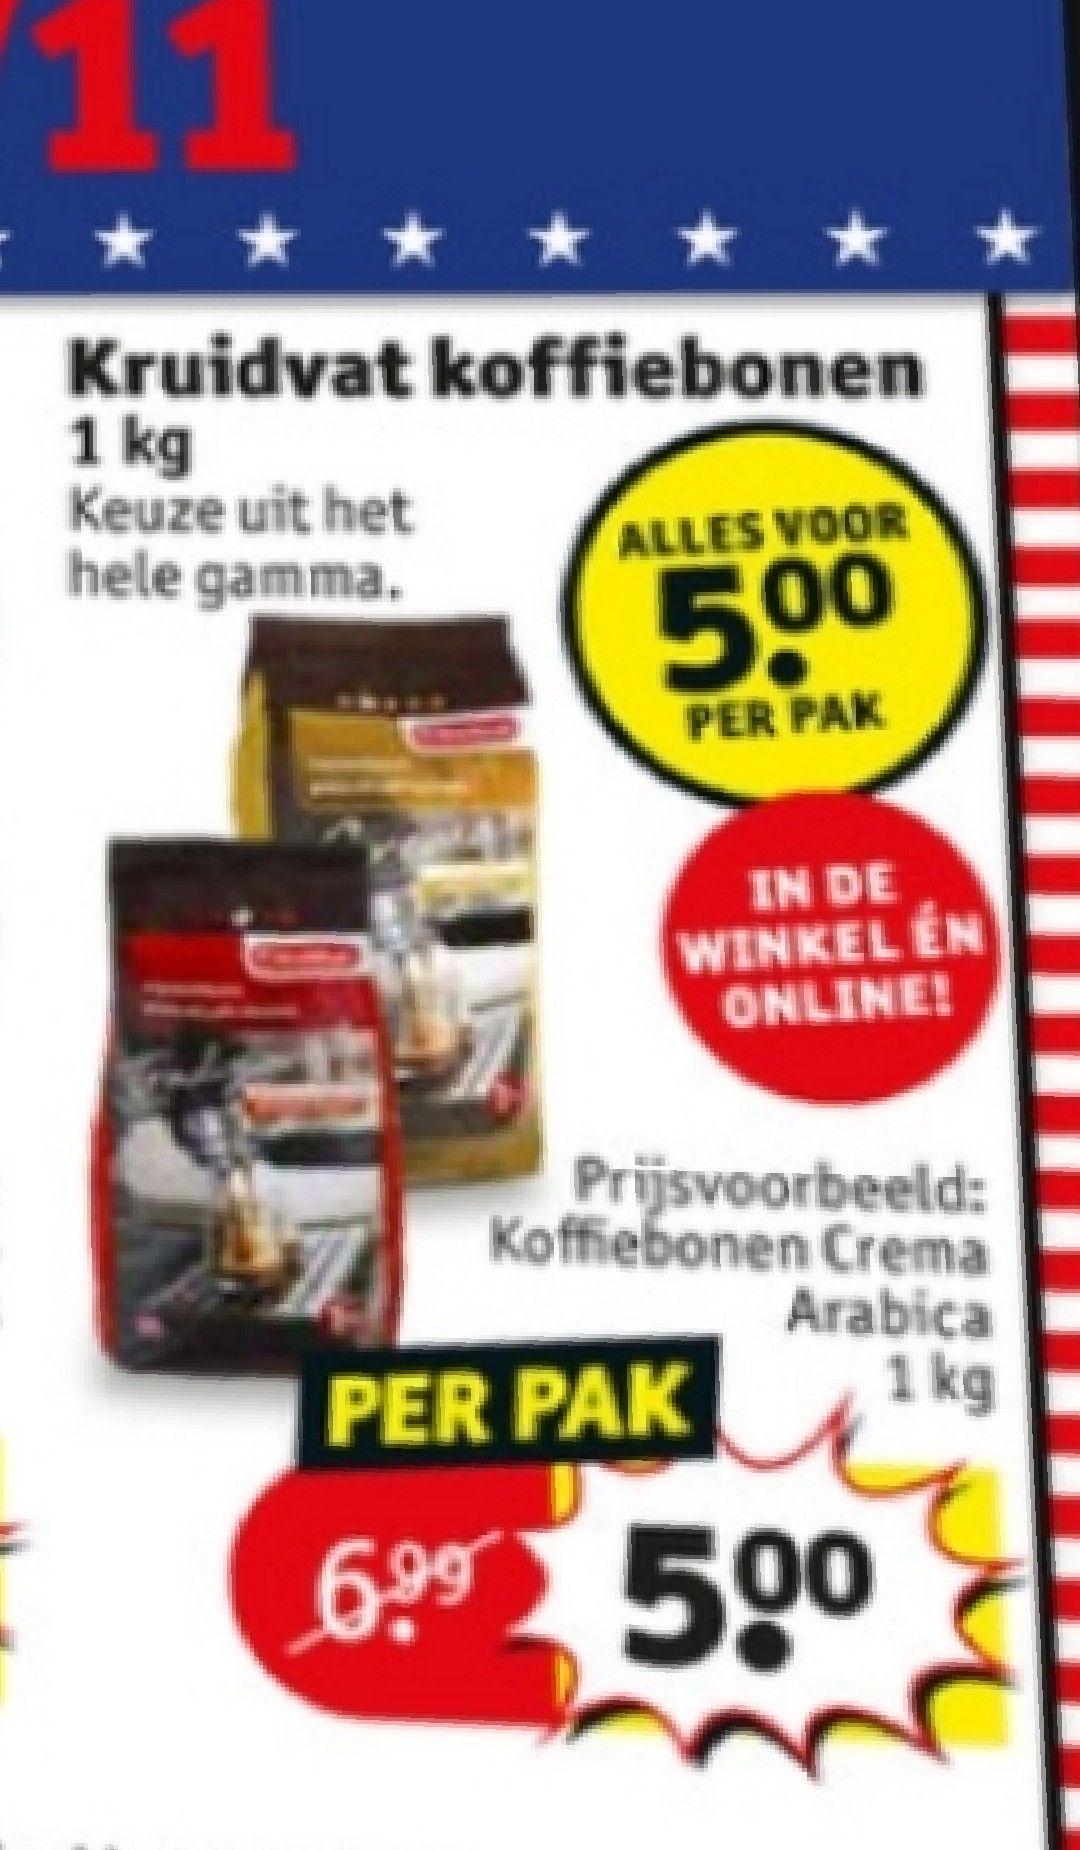 [Grensdeal België] Koffiebonen voor 5€ per kg @Kruidvat